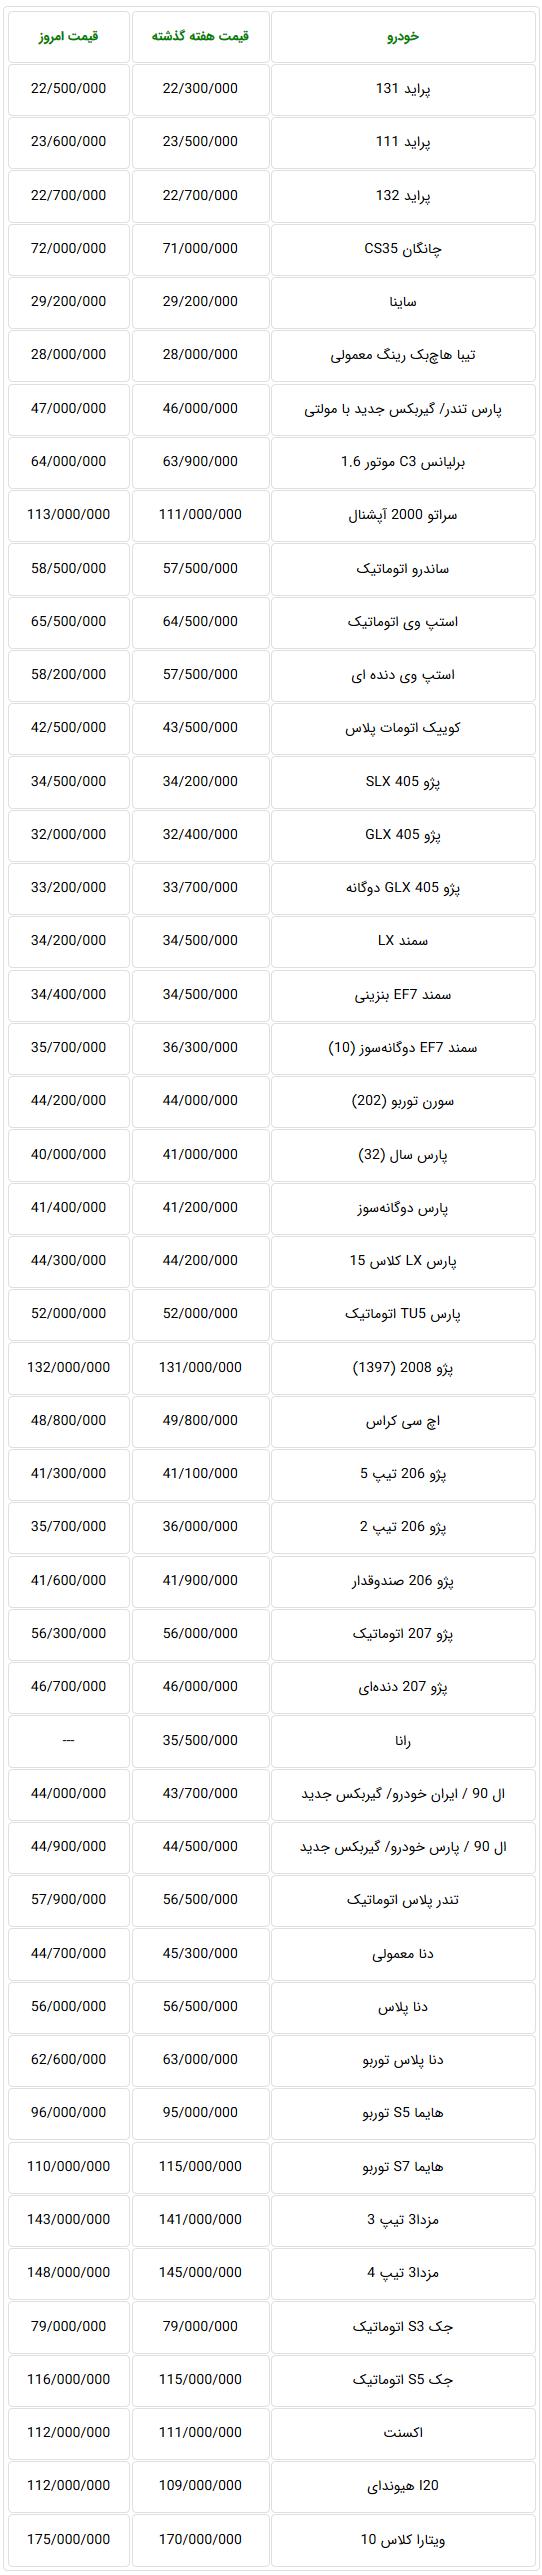 جدول قیمت روز خودروهای تولید داخل در بازار تهران